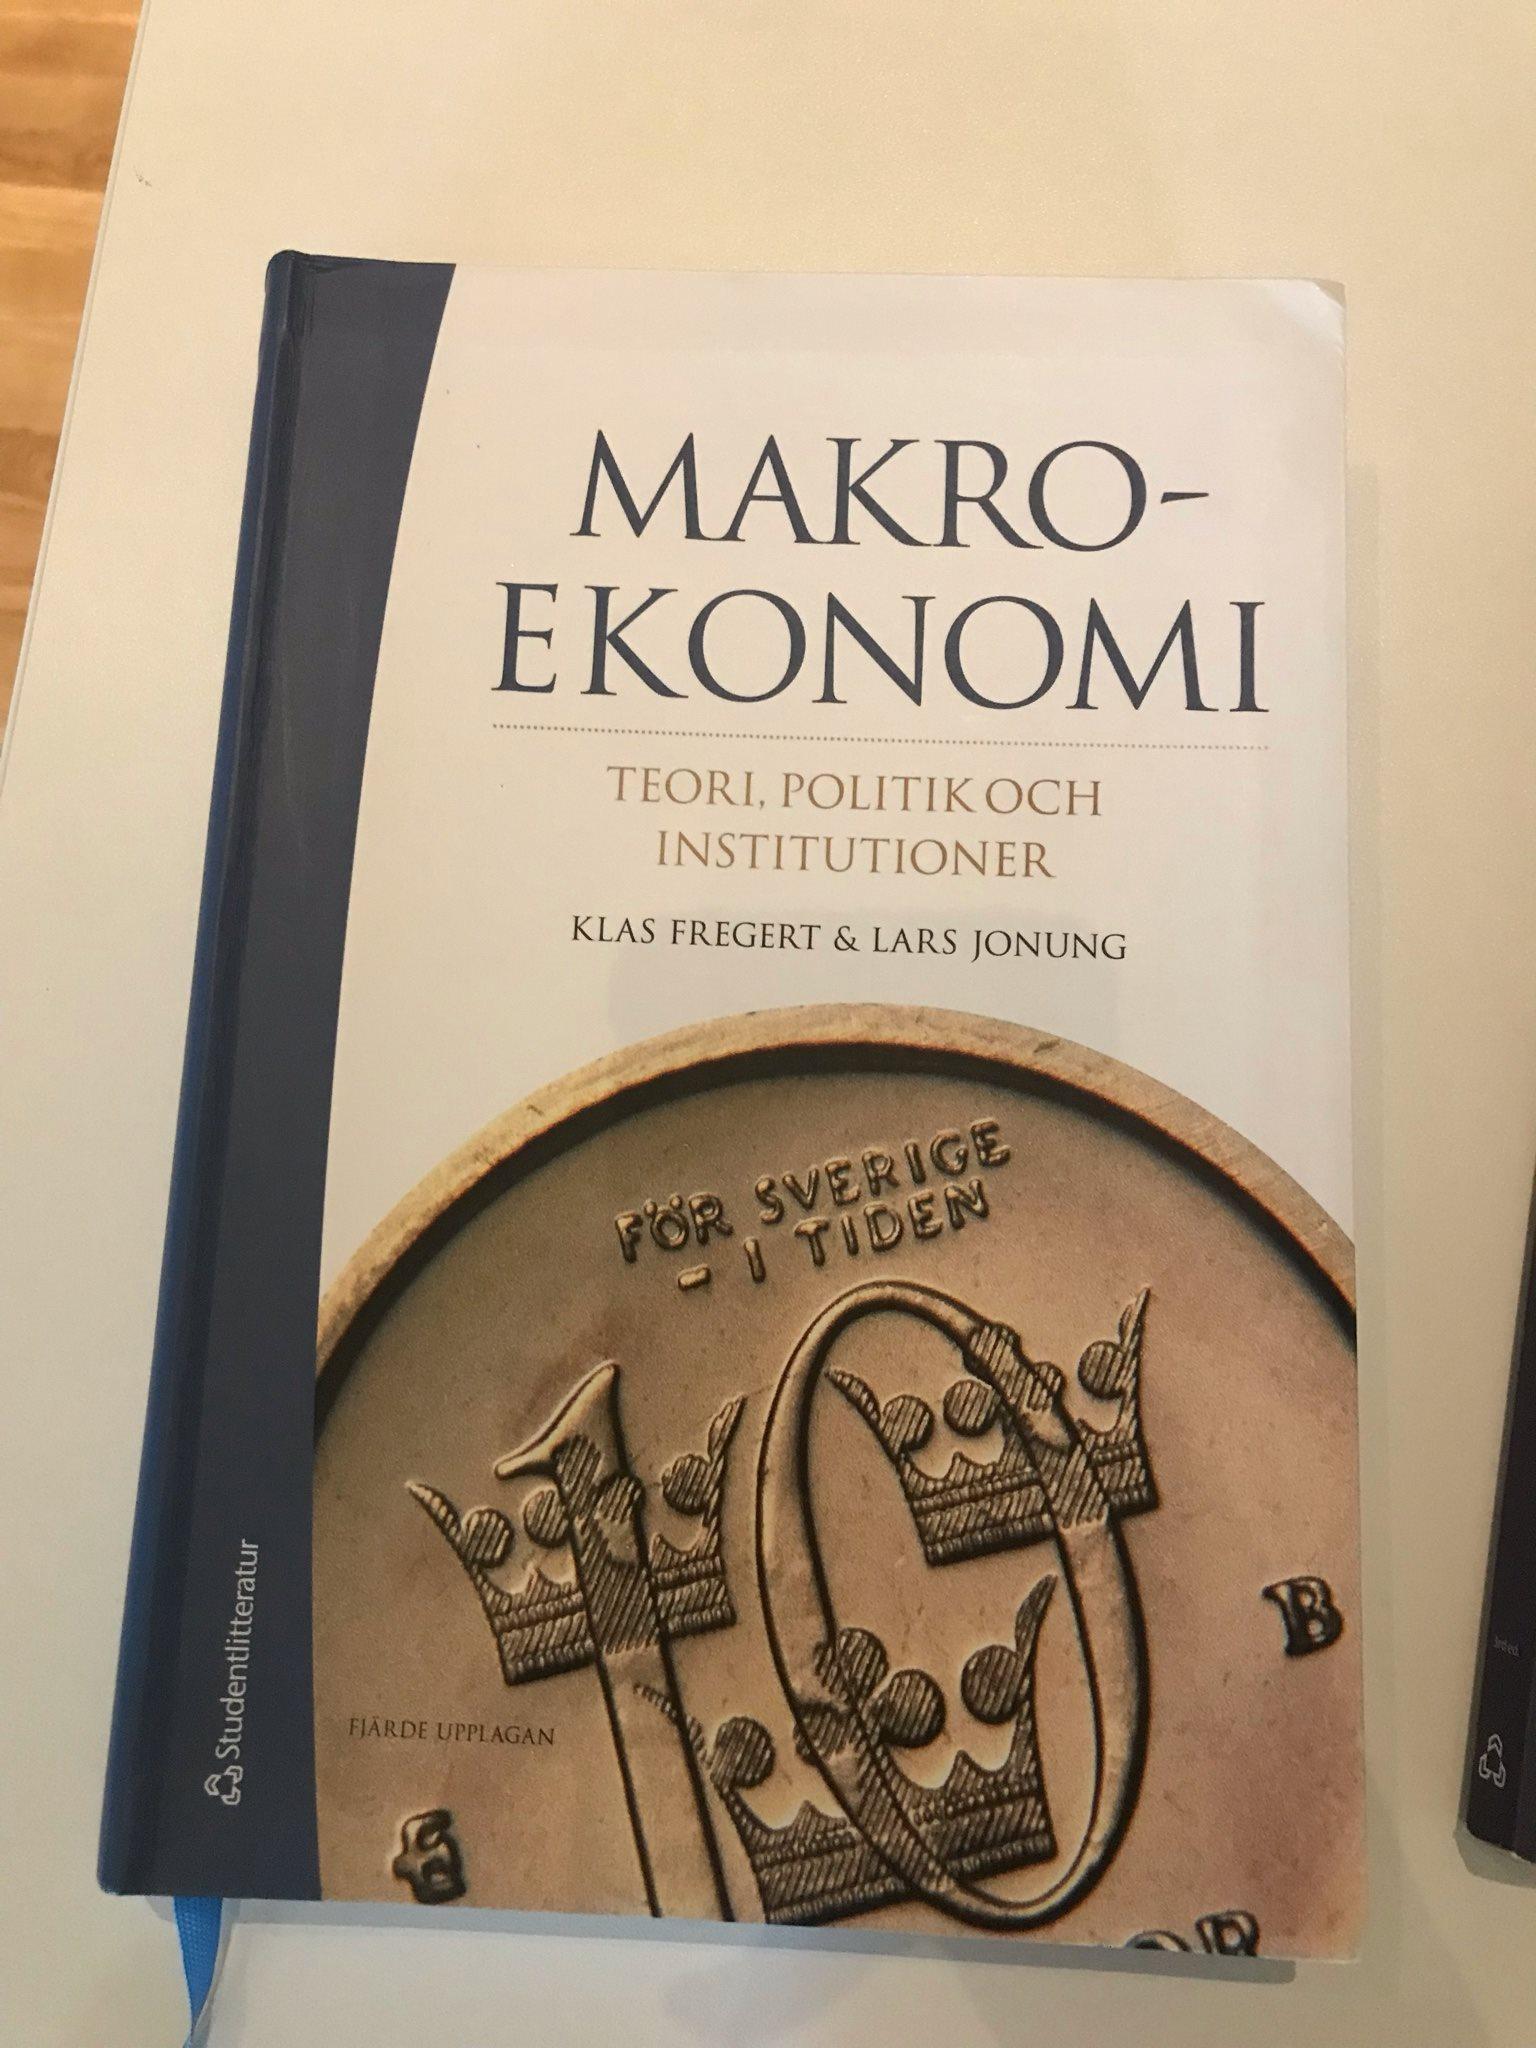 Makroekonomi teori politik och institutioner